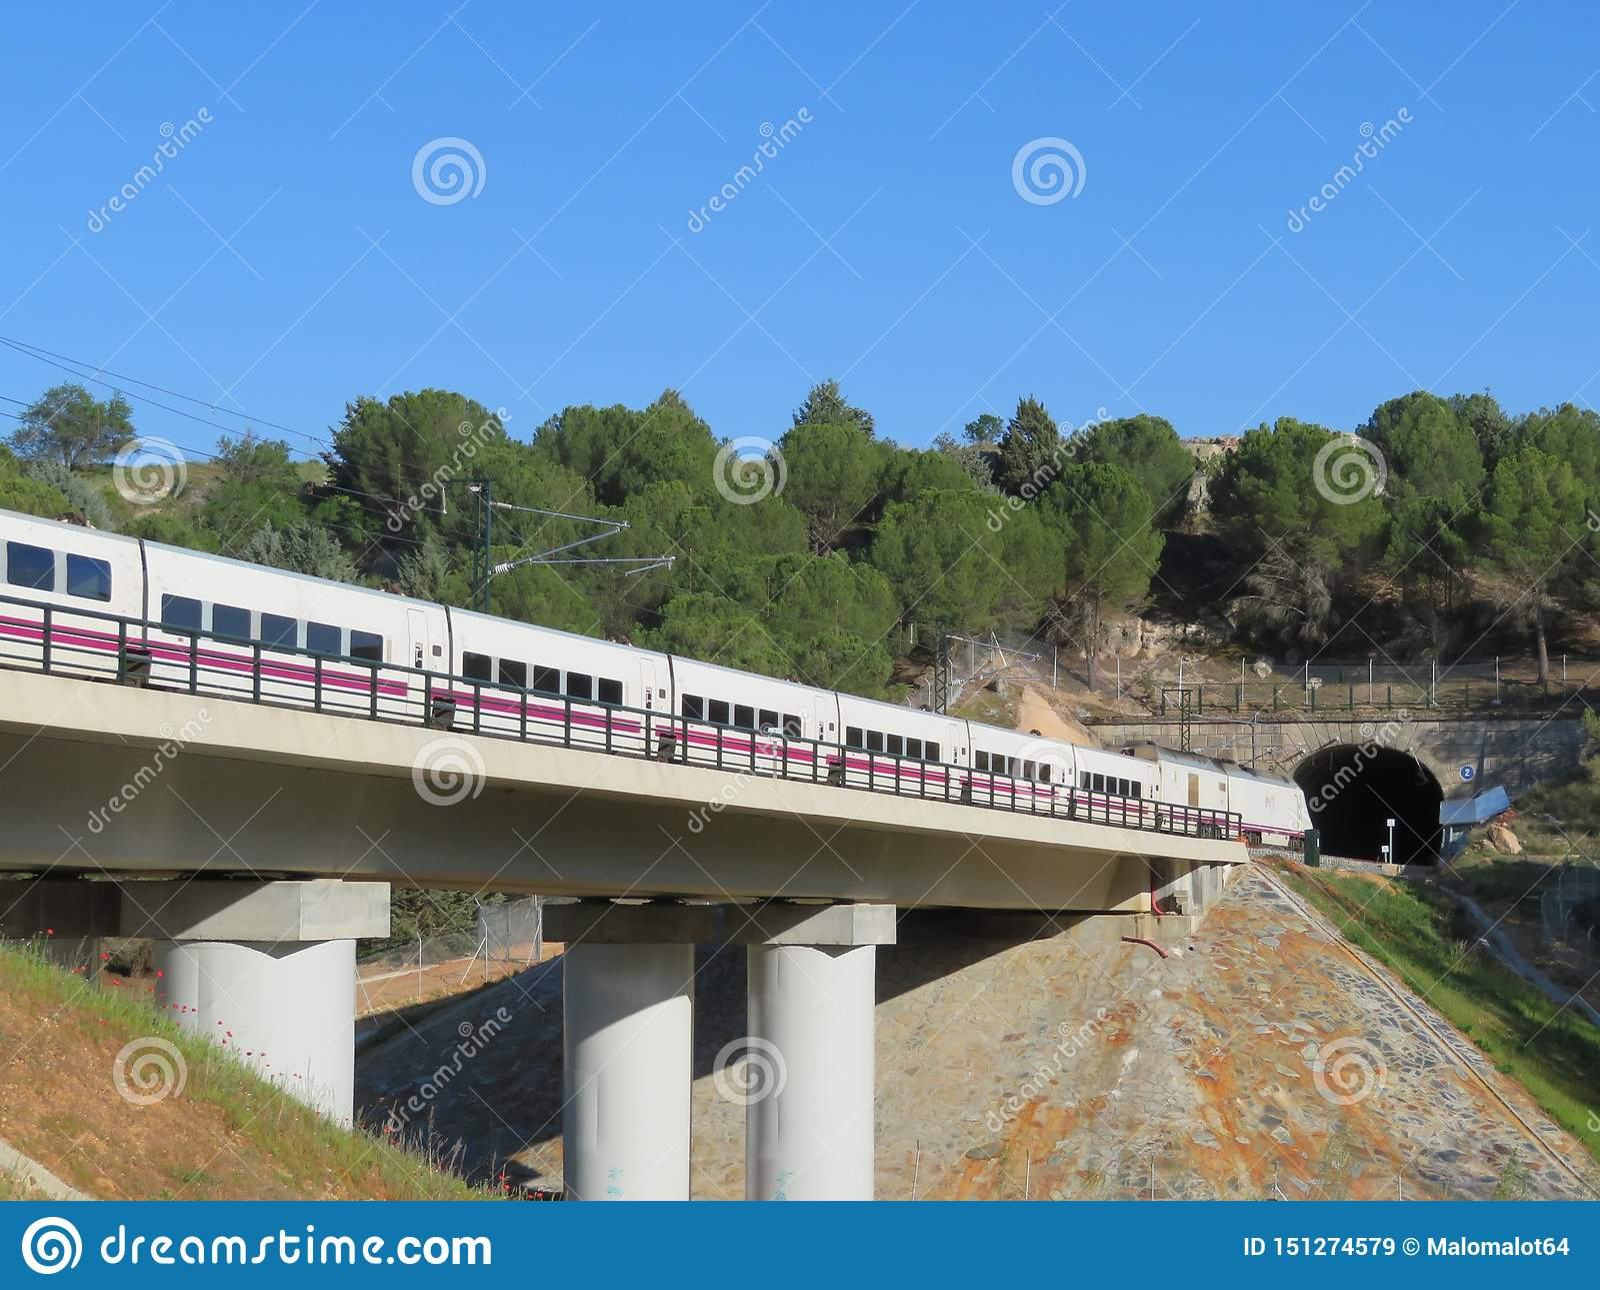 Όμορφο μεγάλο τραίνο που μετα:φέρω τους επιβάτες στον προορισμό τους